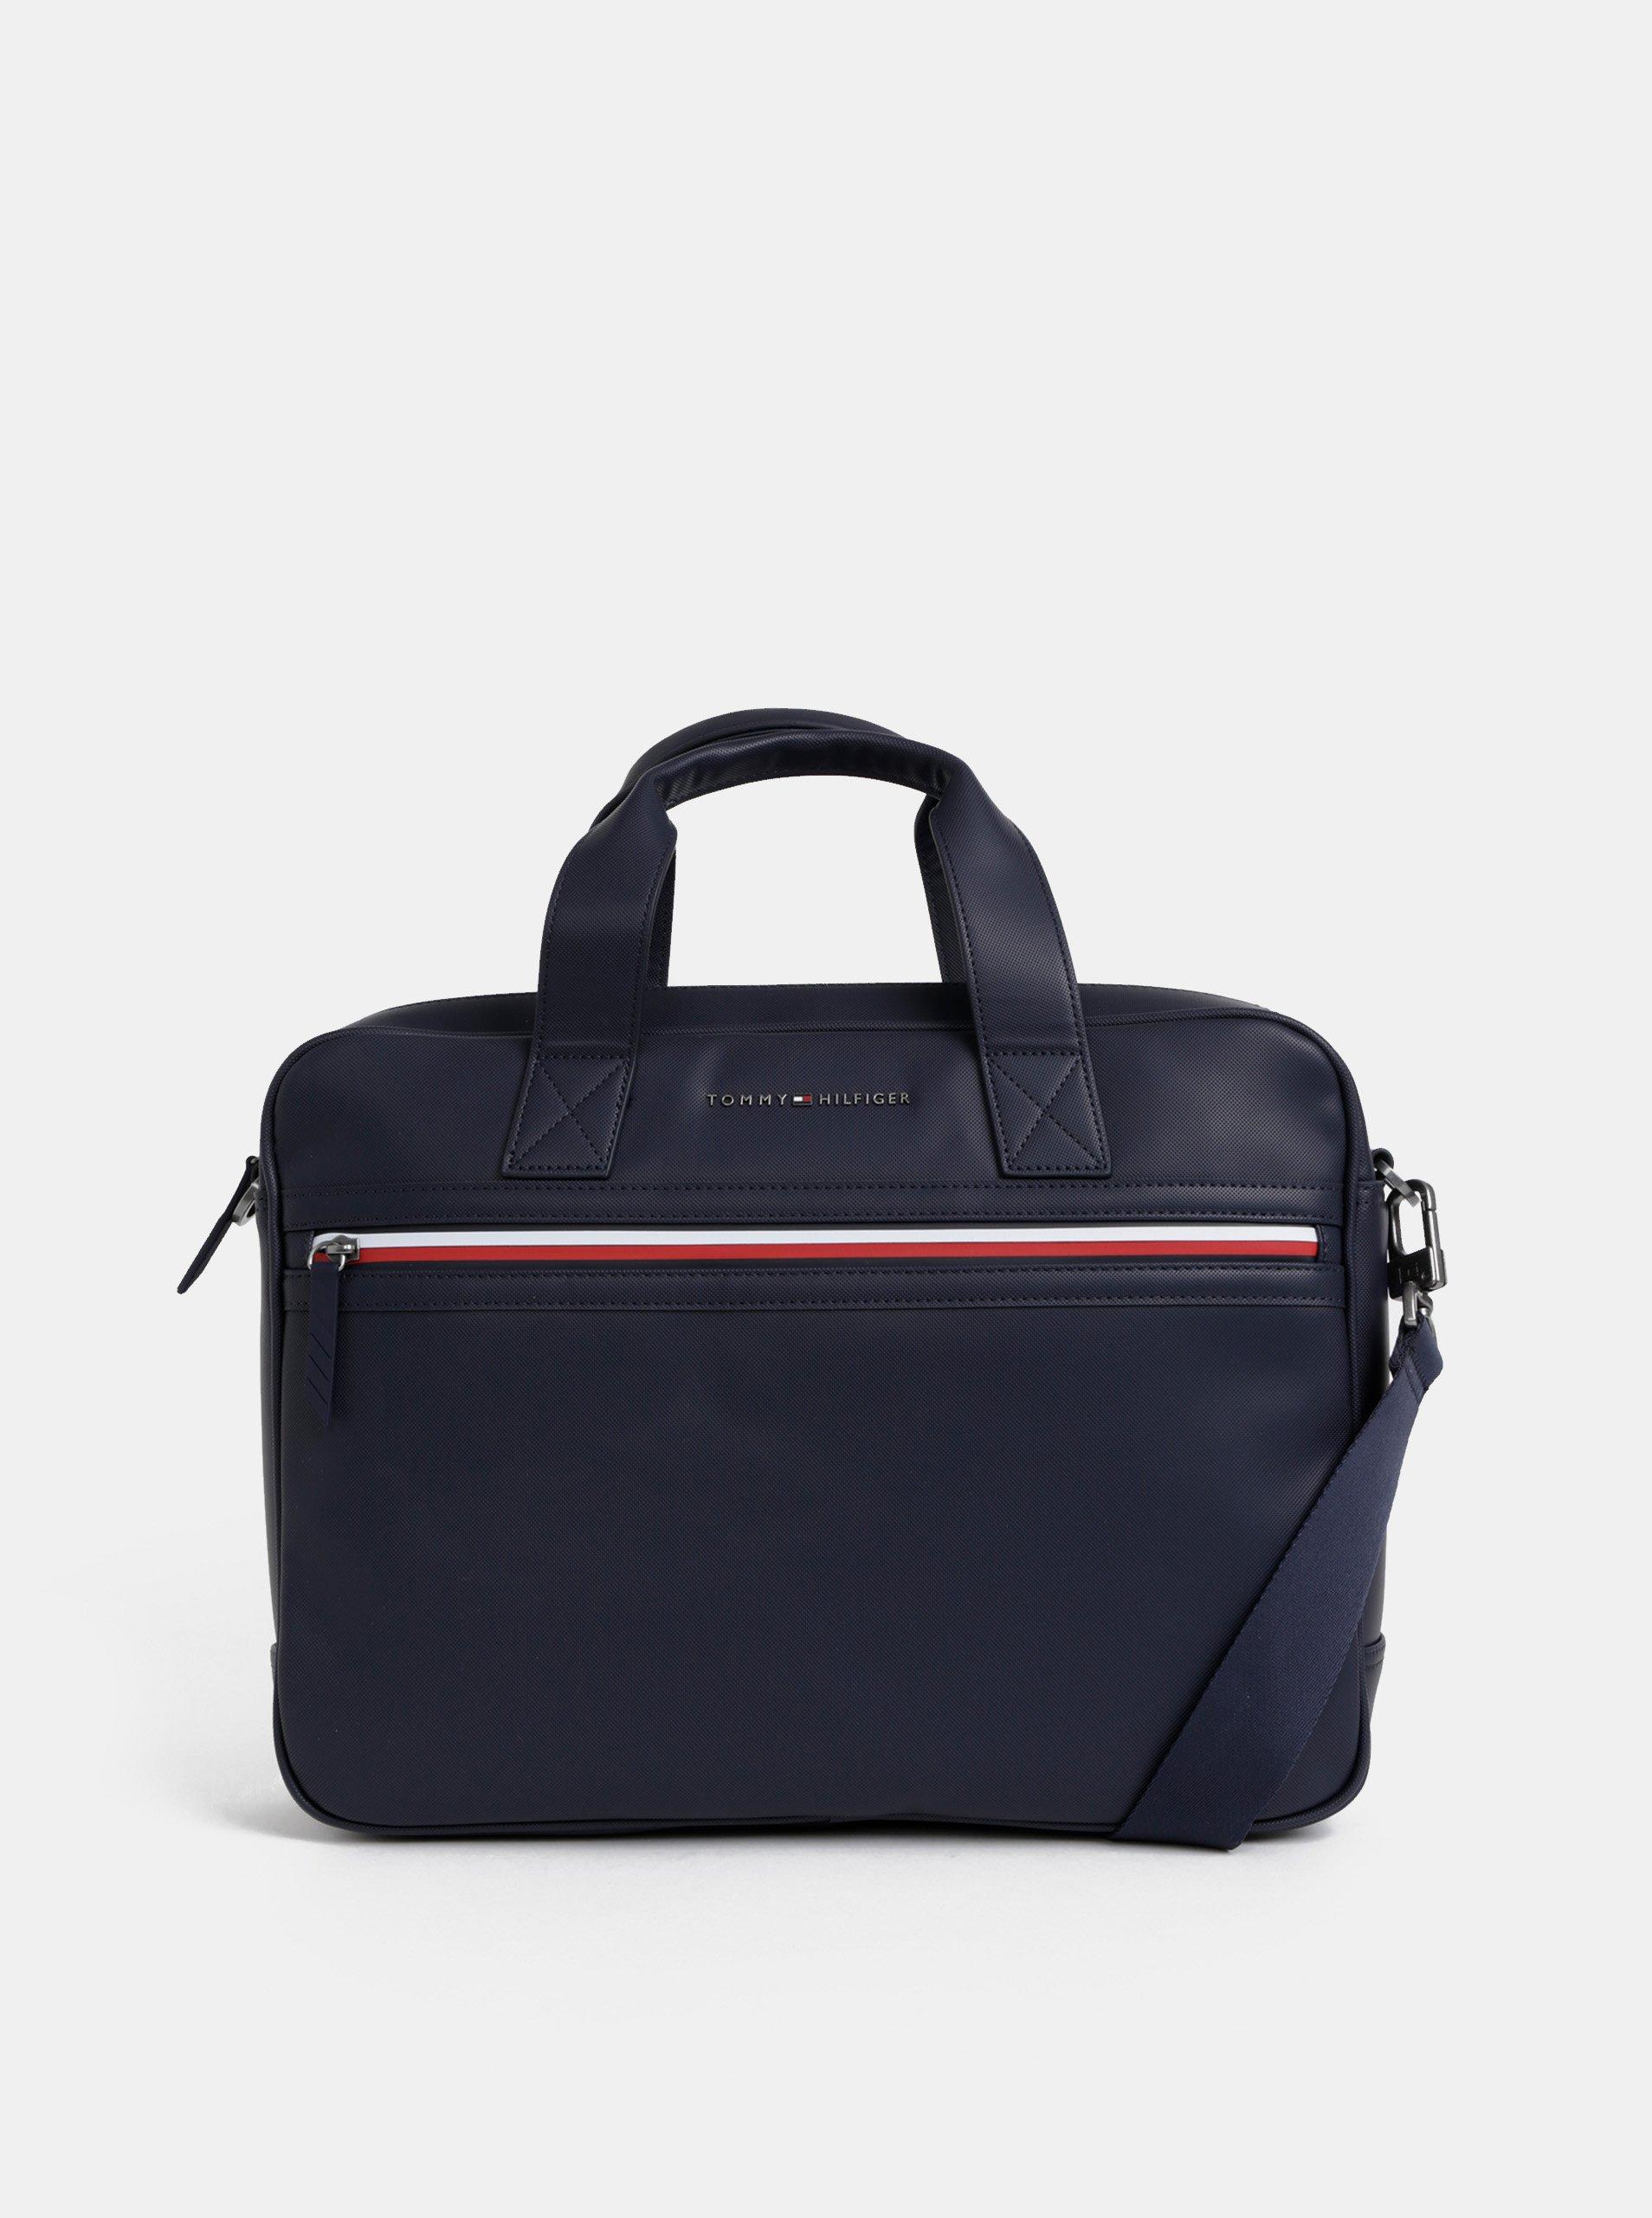 a002c5454 Tmavomodrá taška na notebook Tommy Hilfiger